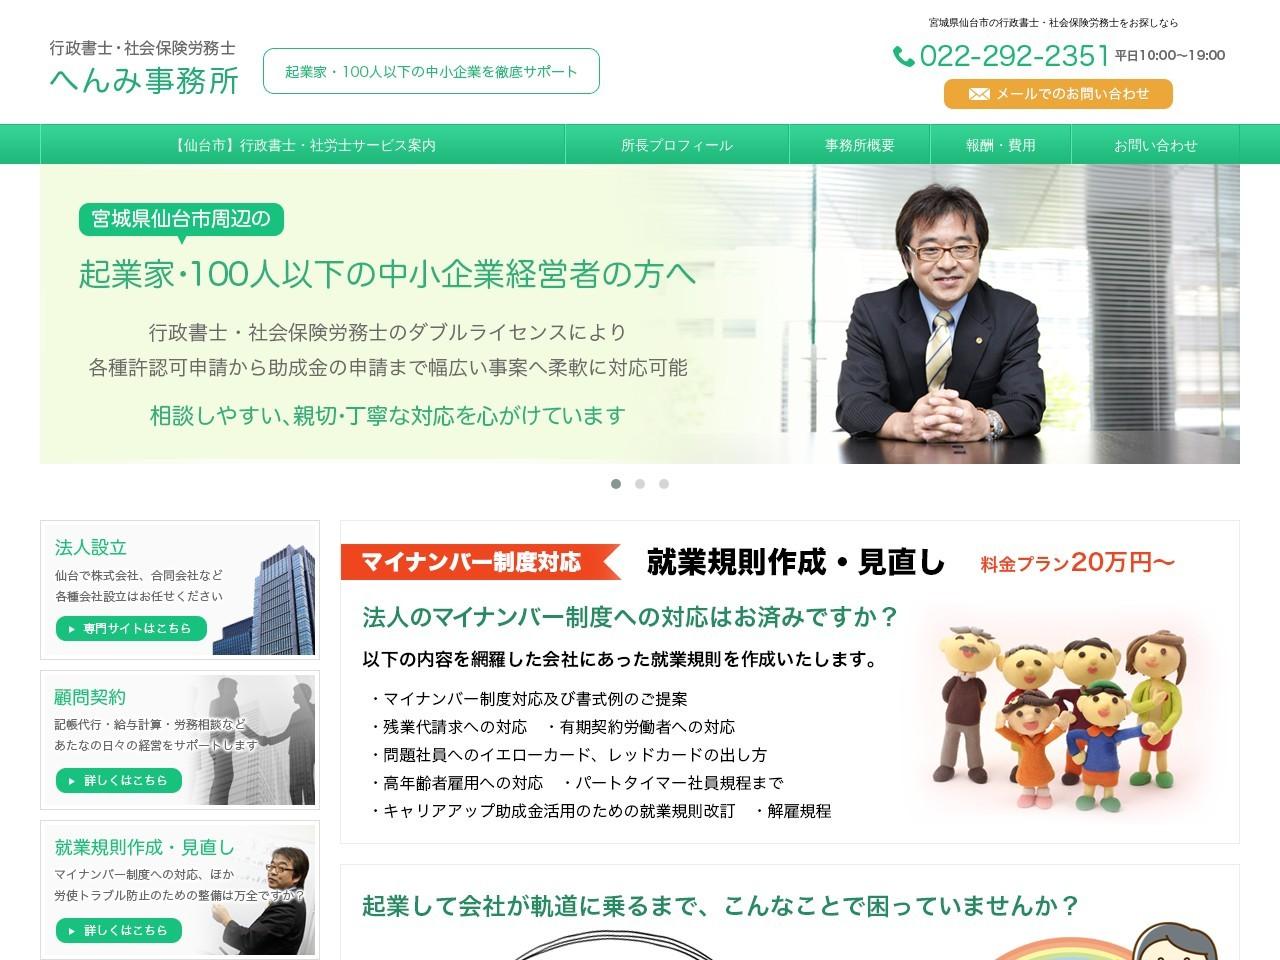 行政書士・社会保険労務士へんみ事務所